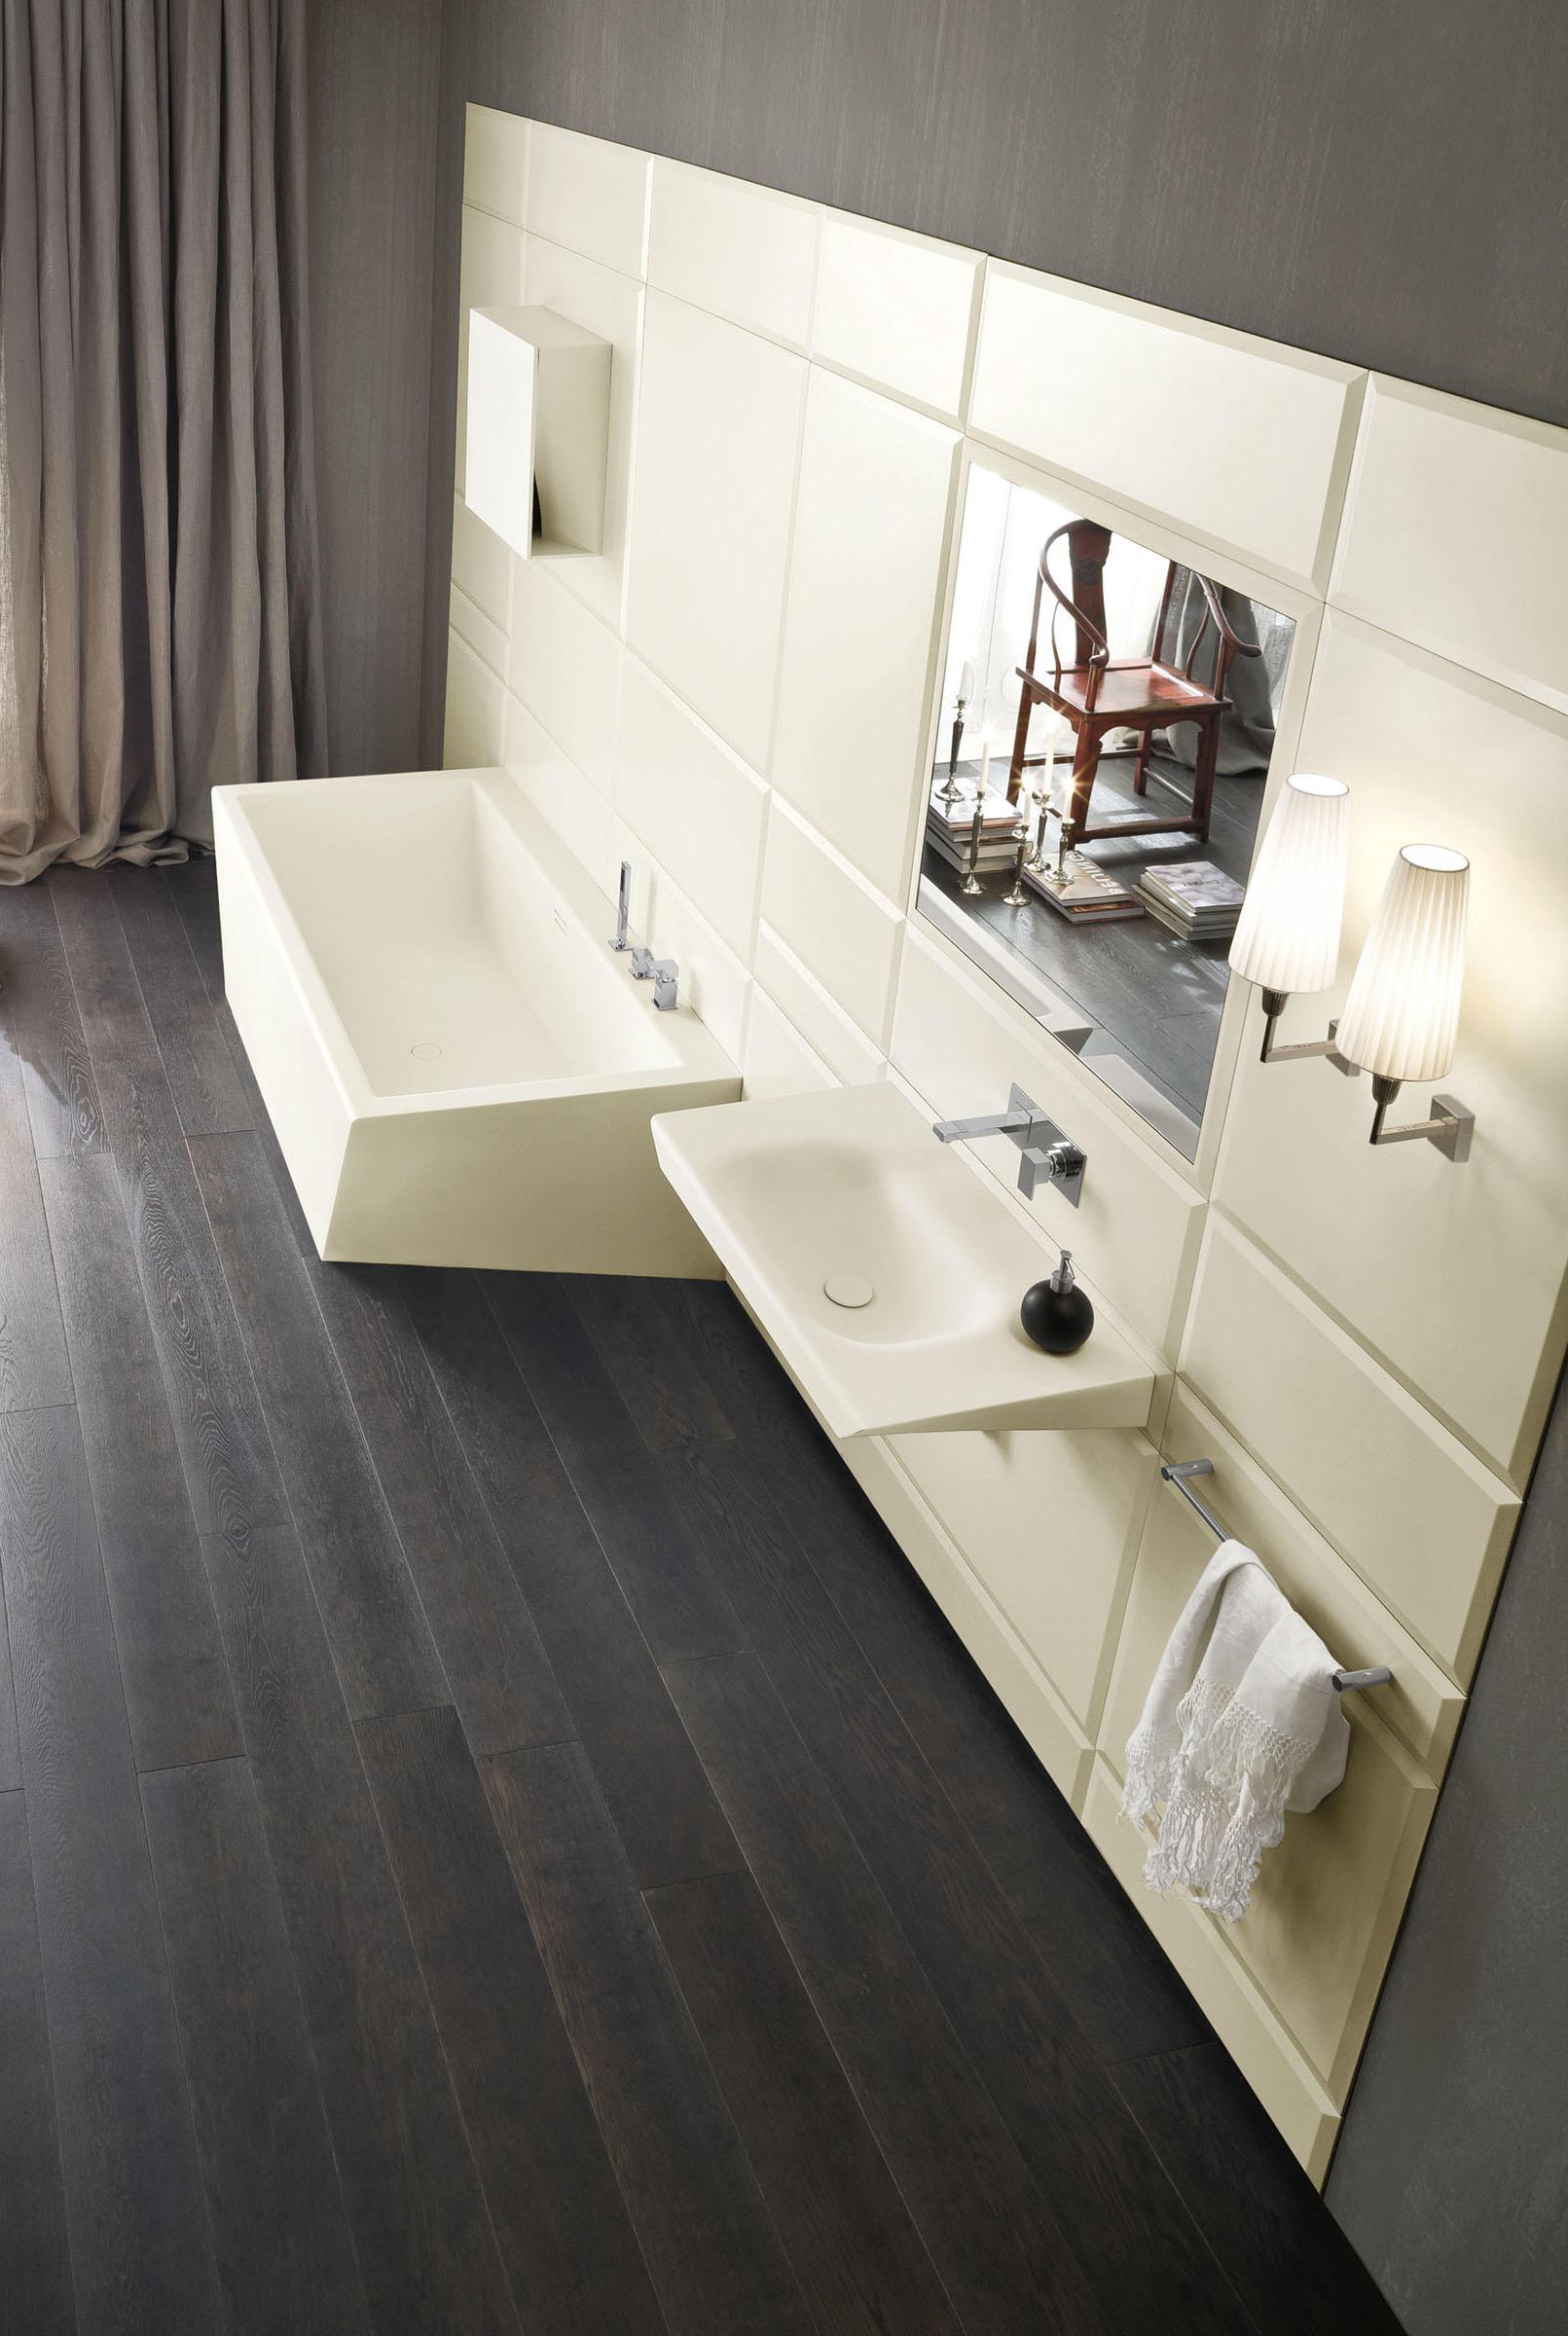 warp platte mit integriertem waschbecken waschtische von rexa design architonic. Black Bedroom Furniture Sets. Home Design Ideas